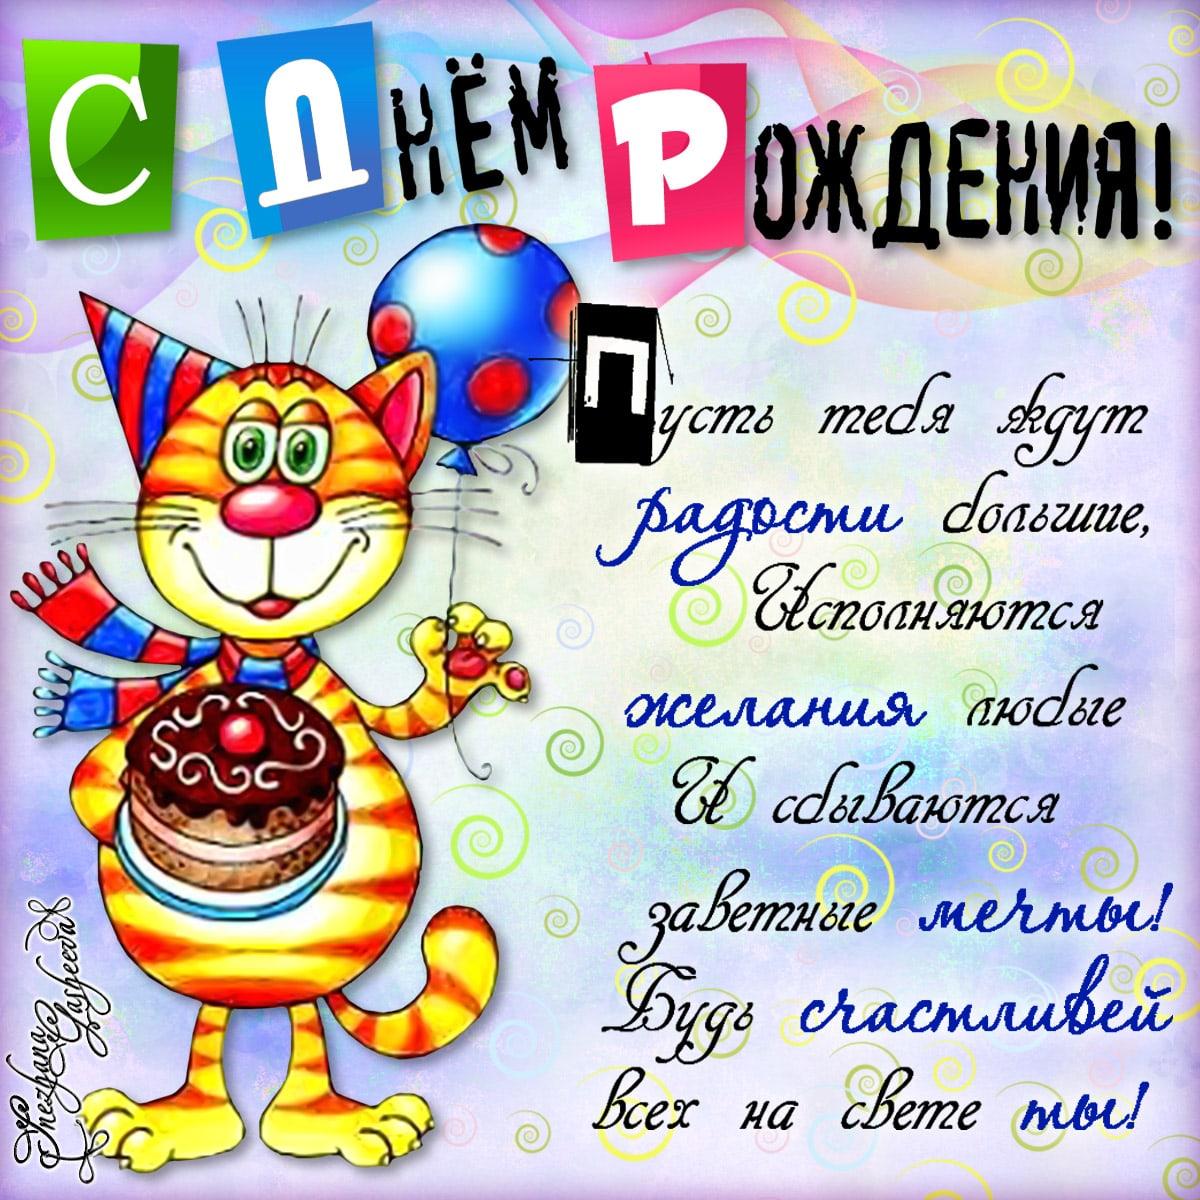 Поздравление на день рождения другу от семьи